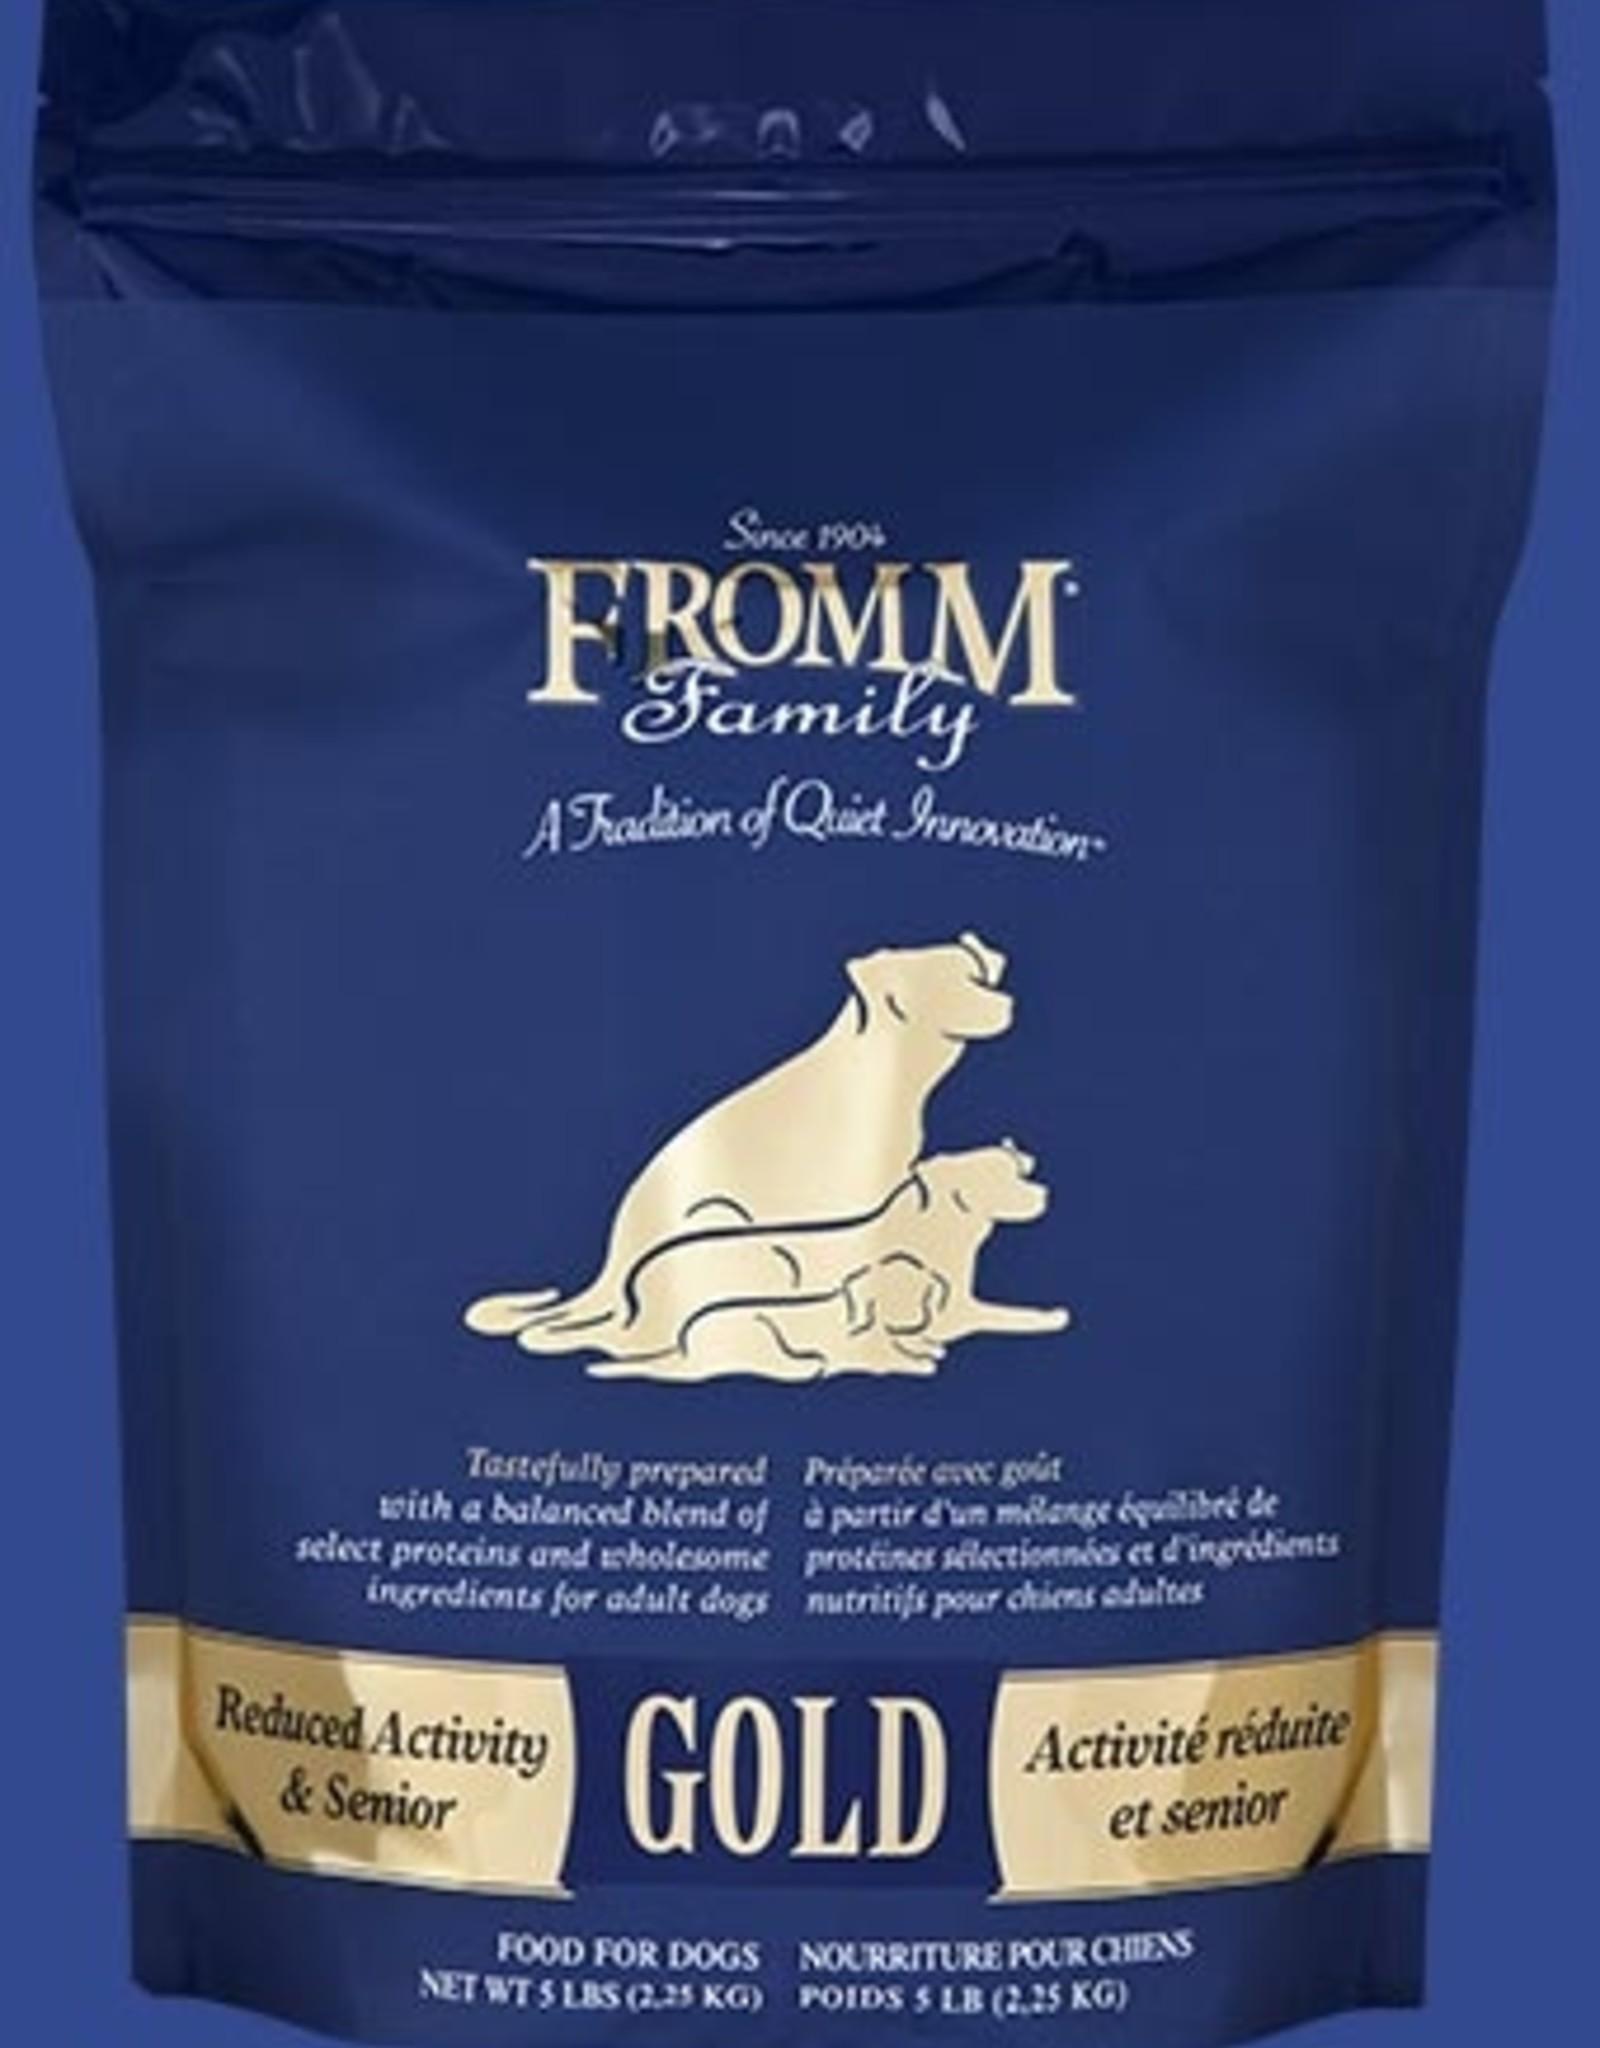 Fromm Gold Senior 15lb